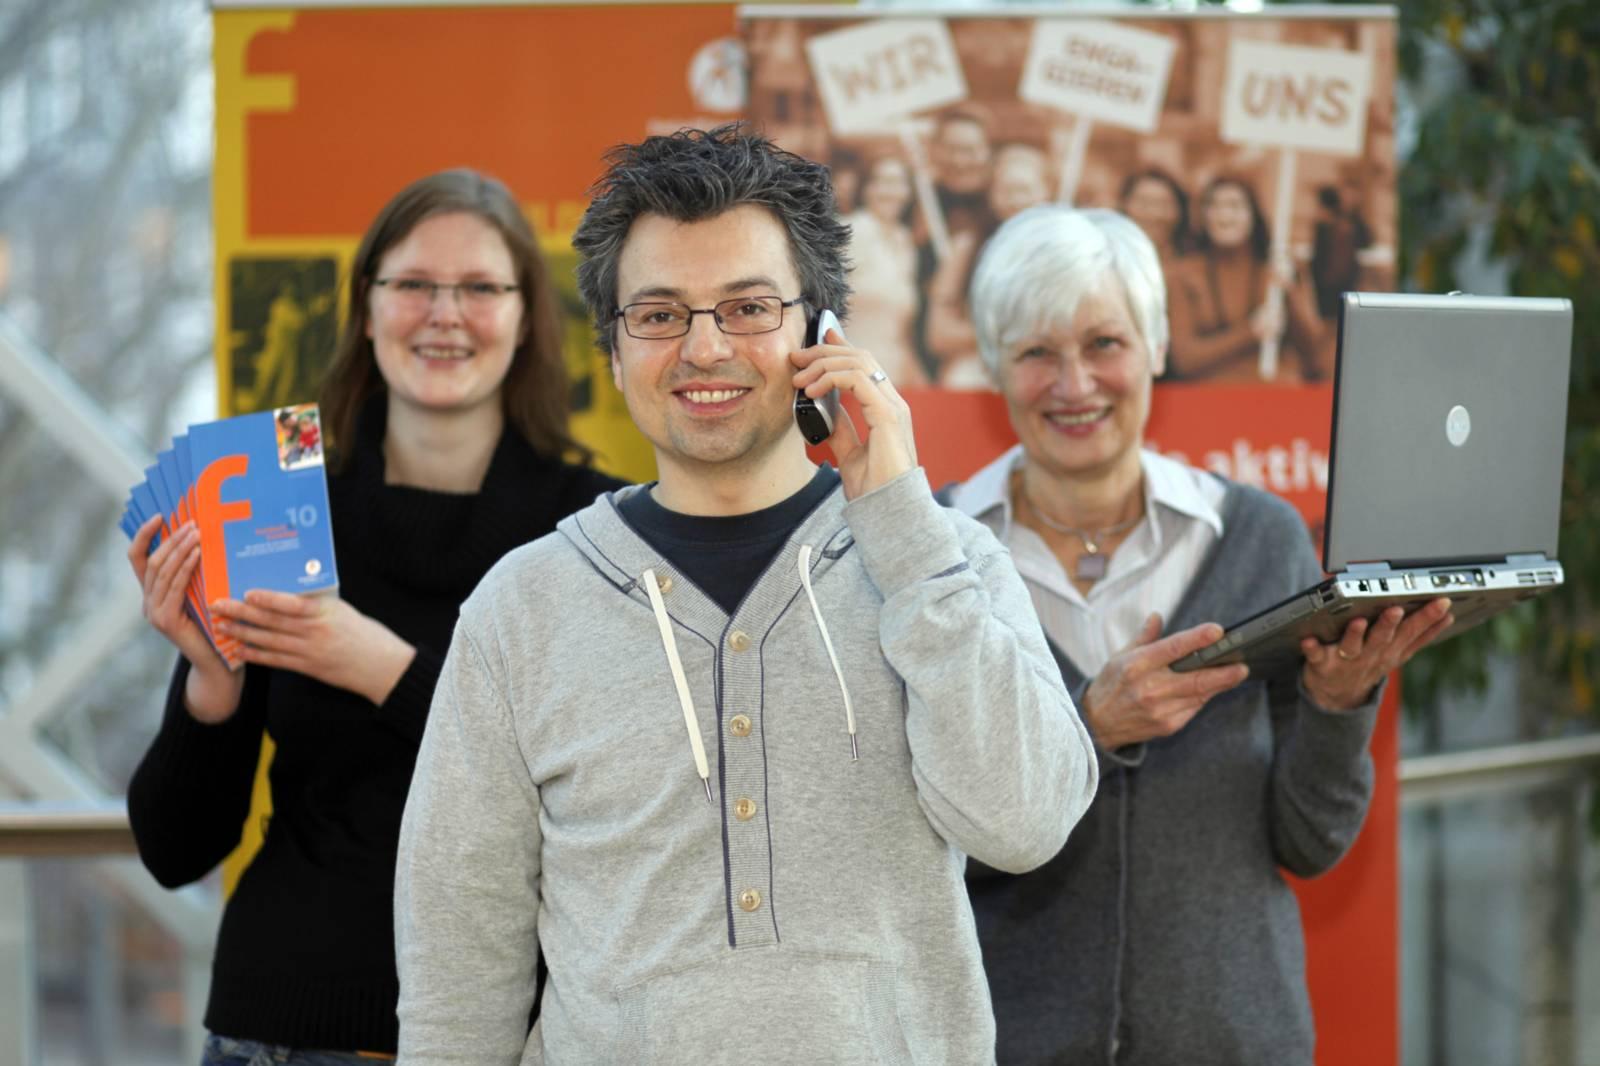 Ein junger Mann lächelt mit einem Telefon am Ohr ins Bild. Hinter ihm stehen rechts eine ältere Frau mit einem Laptop und links eine jüngere Frau mit Flyern in der Hand.